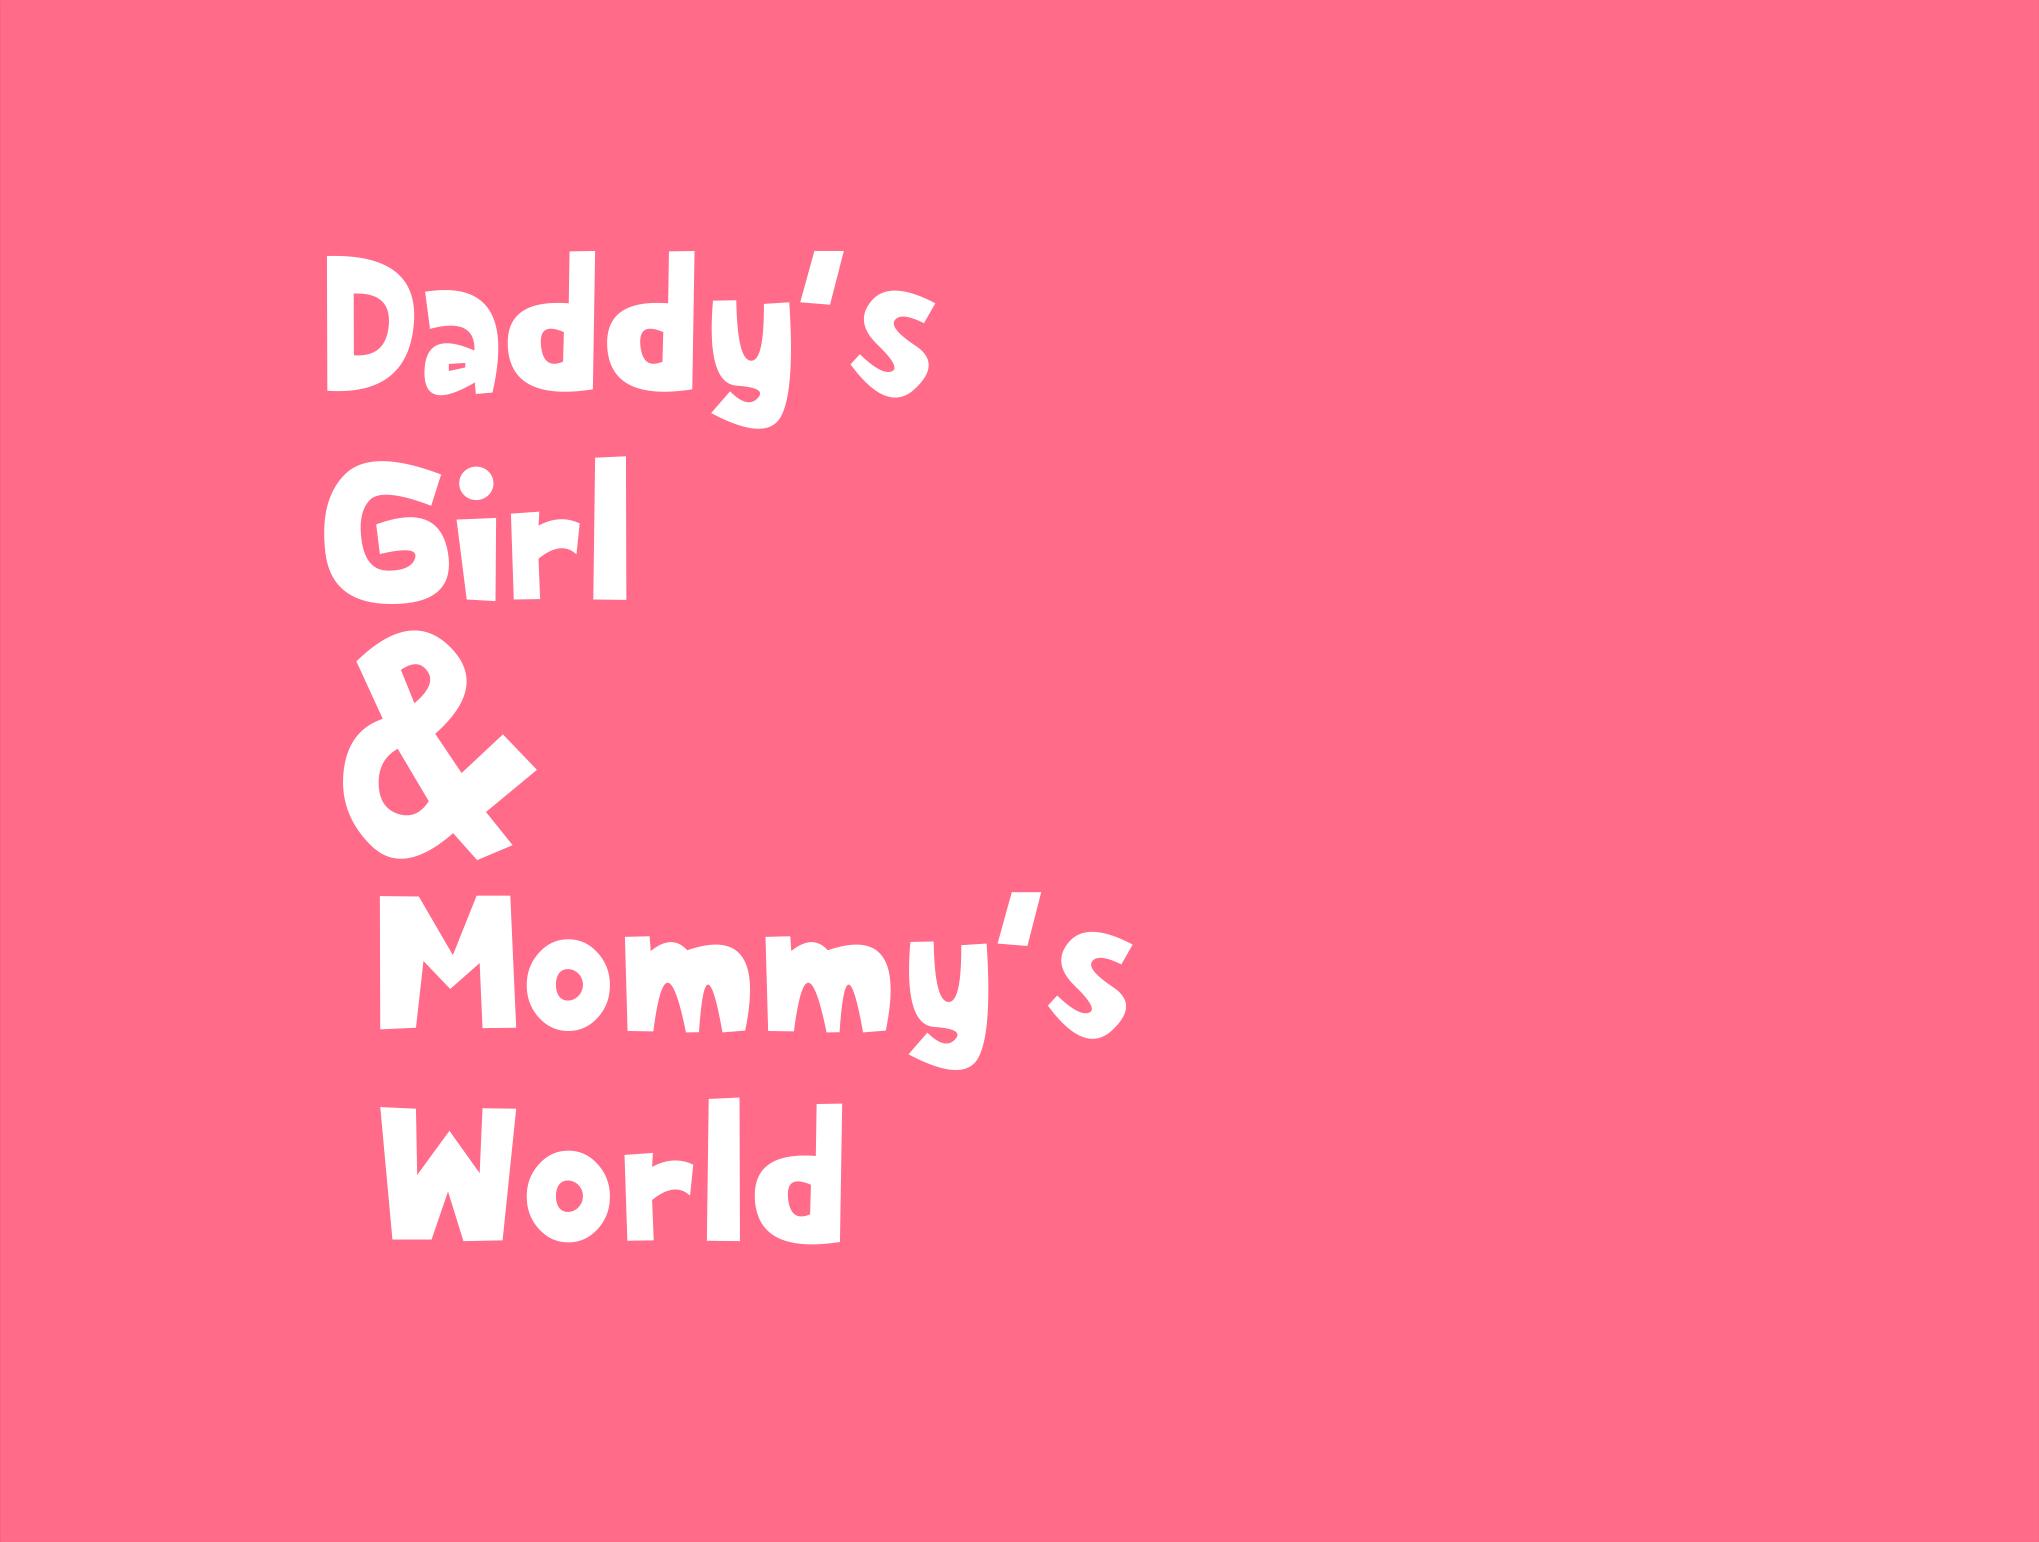 DaddysGirlMommysWorld.png